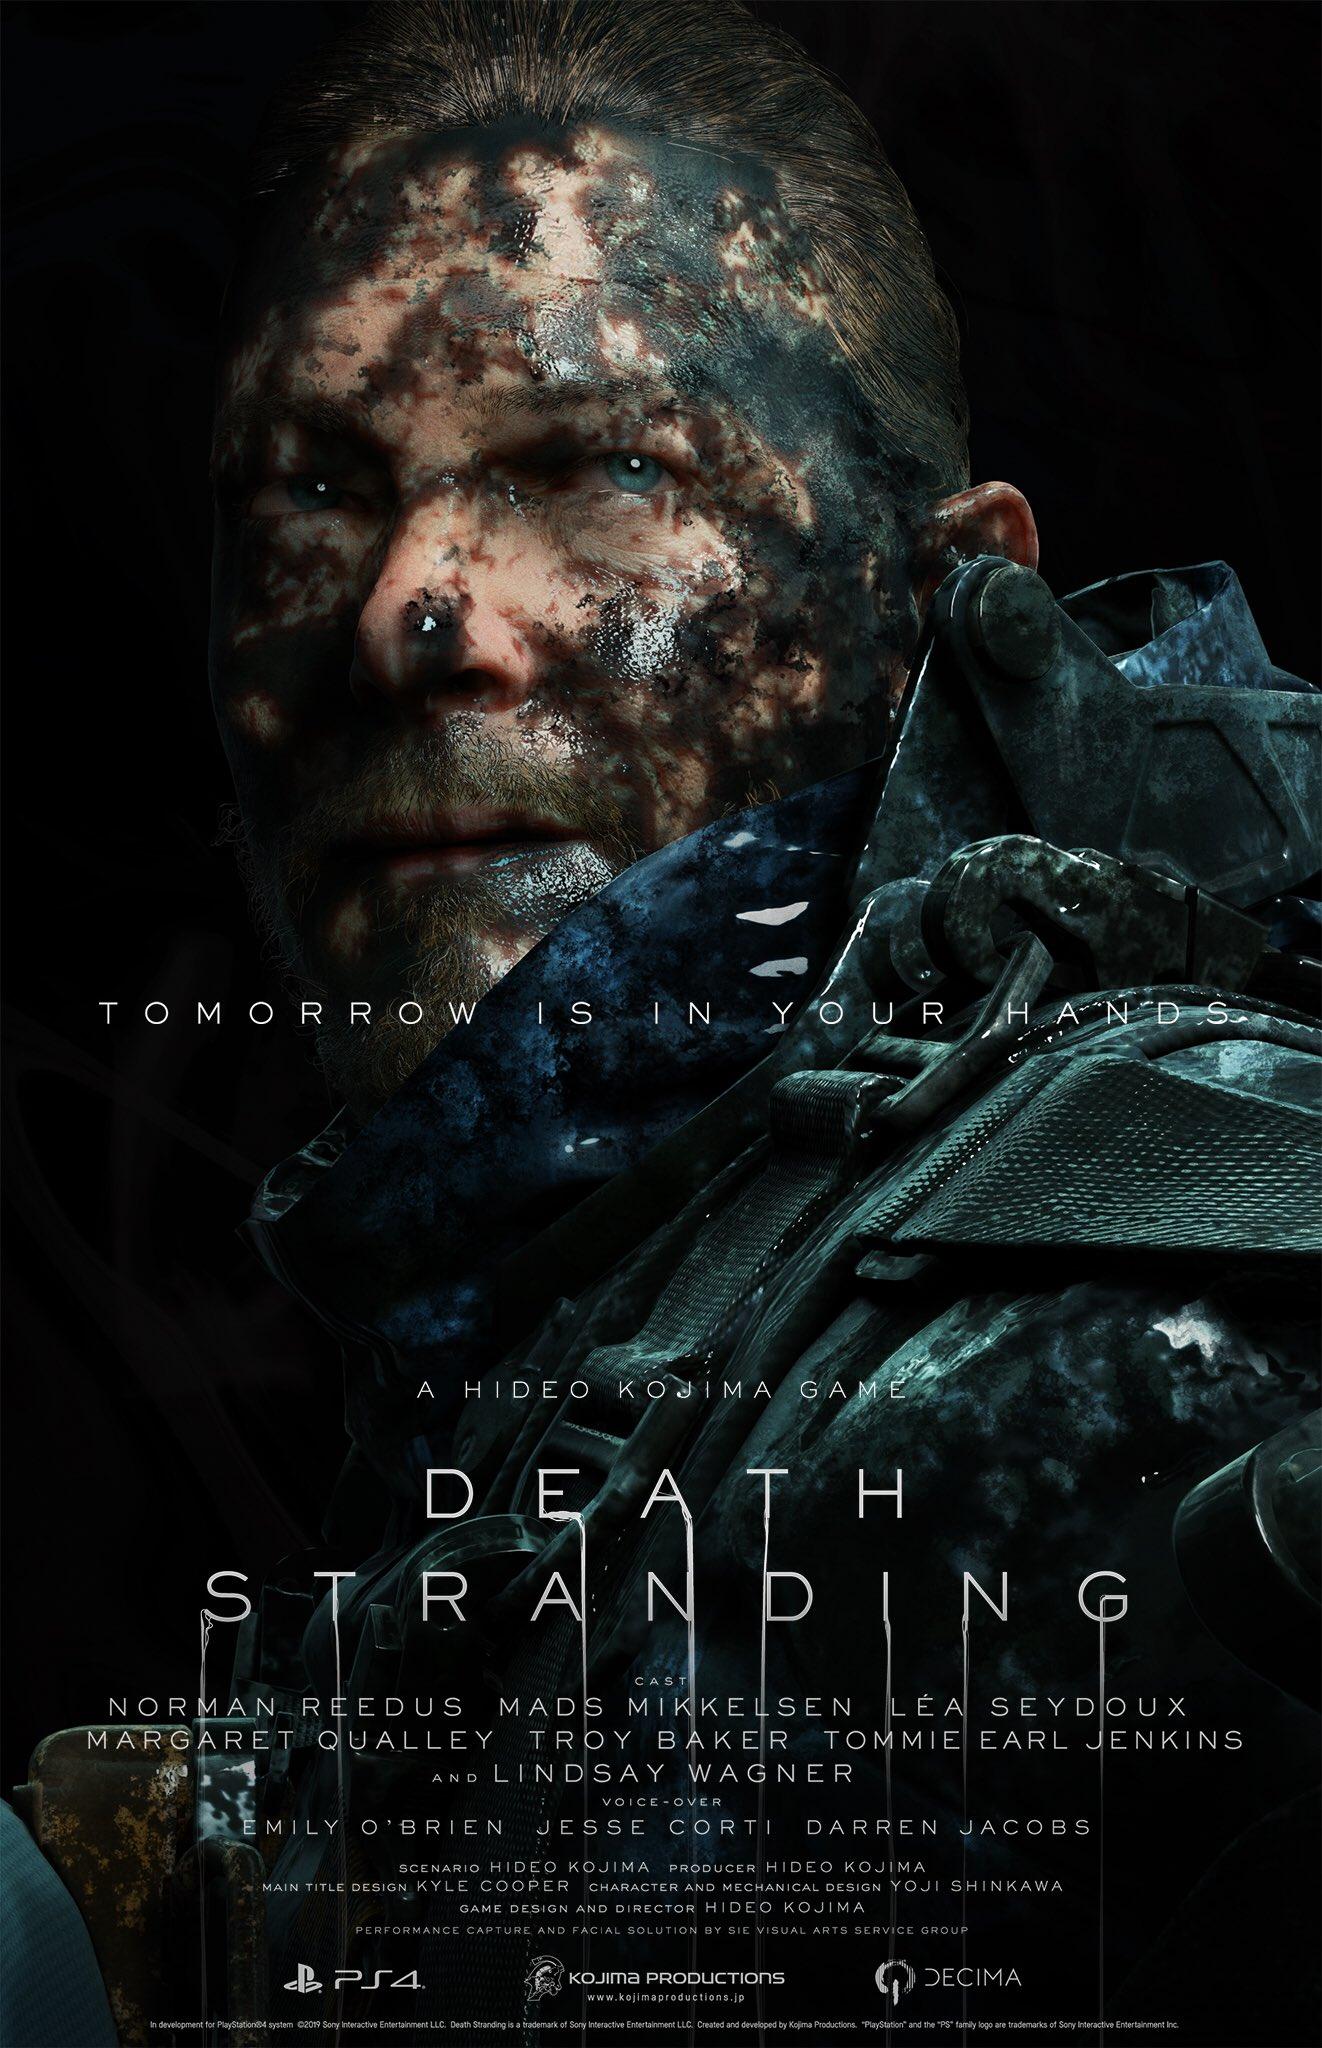 1 60 - 小島秀夫監督の『デス・ストランディング』発売日が11月8日に決定! 最新トレーラーも公開。神ゲーオーラに震えろ